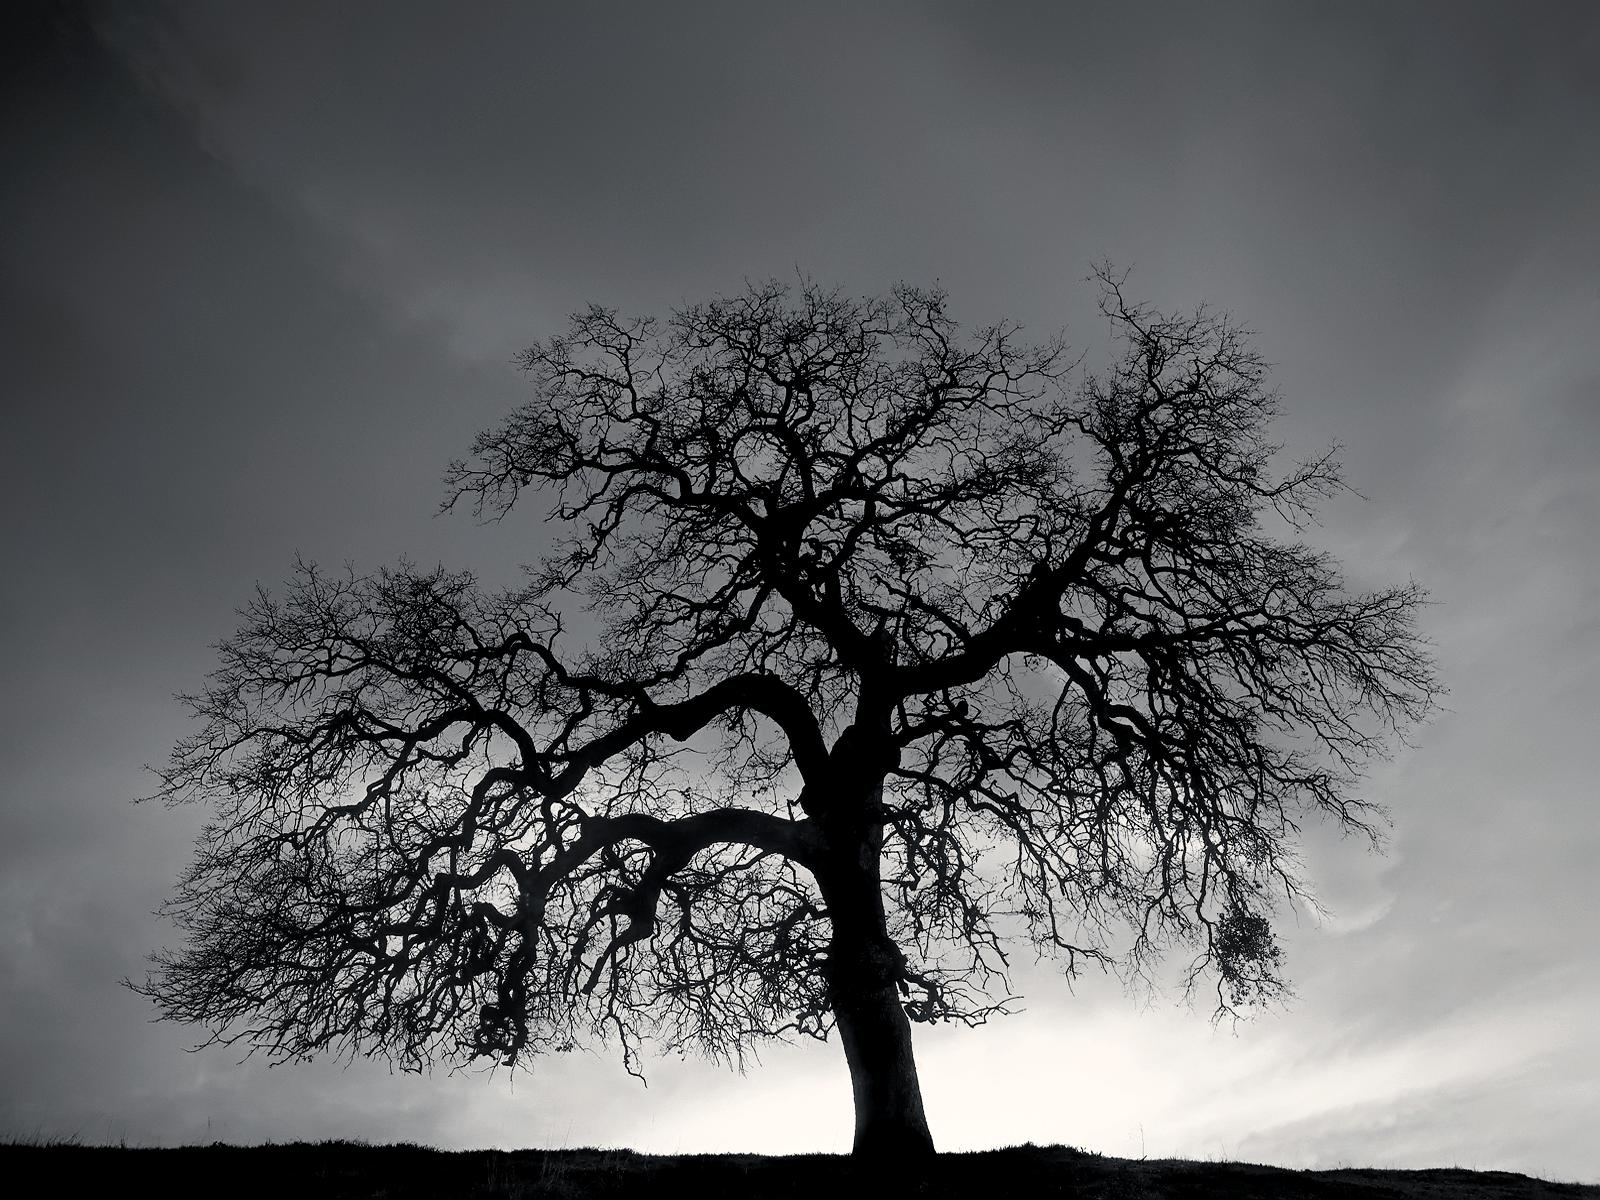 фотобанк черно белые деревья сегодня